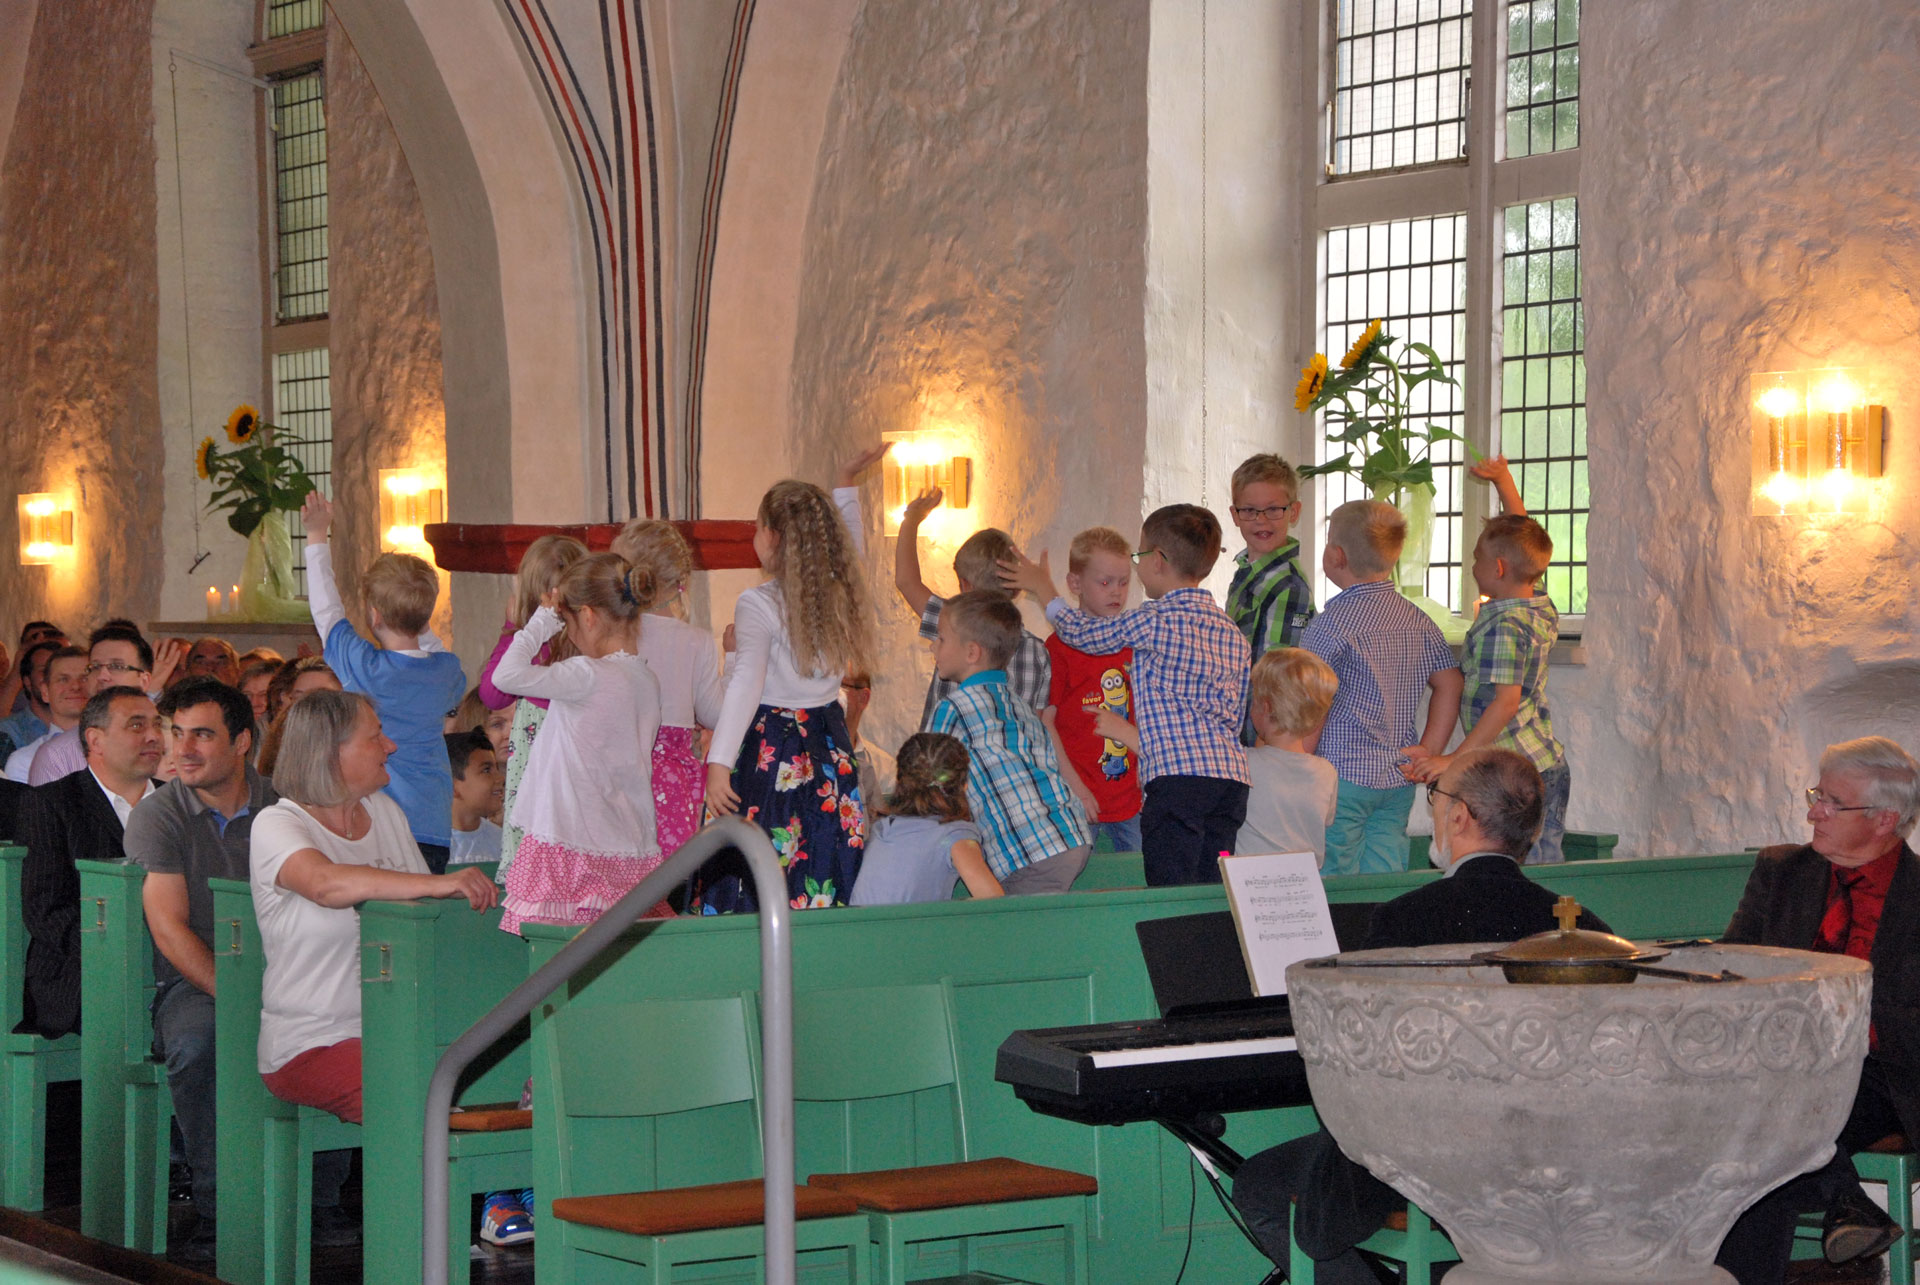 Kinder stehen auf den Kirchenbänken und gucken in die Gemeinde beim Kinderkirchentag.